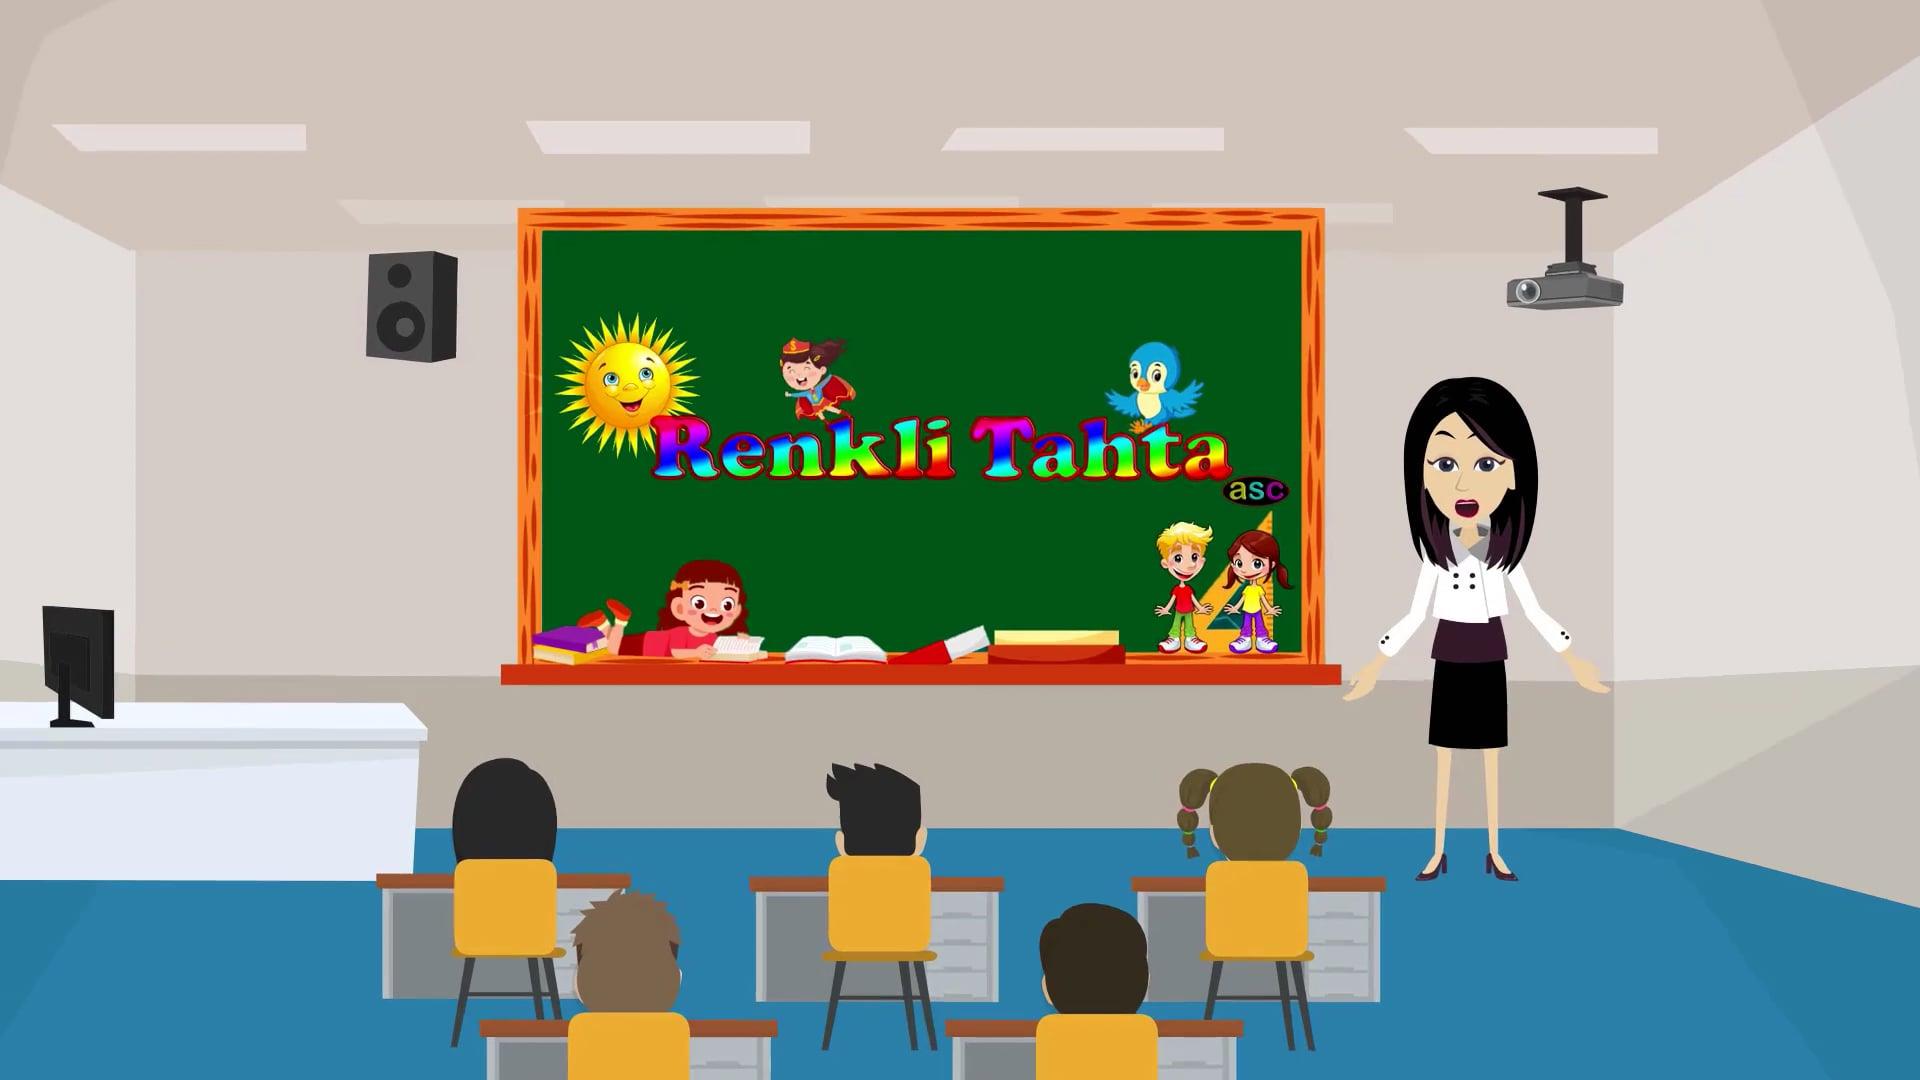 Renkli Tahta / Sınıf İçi Uygulamalı Dijital Eğitim Materyali